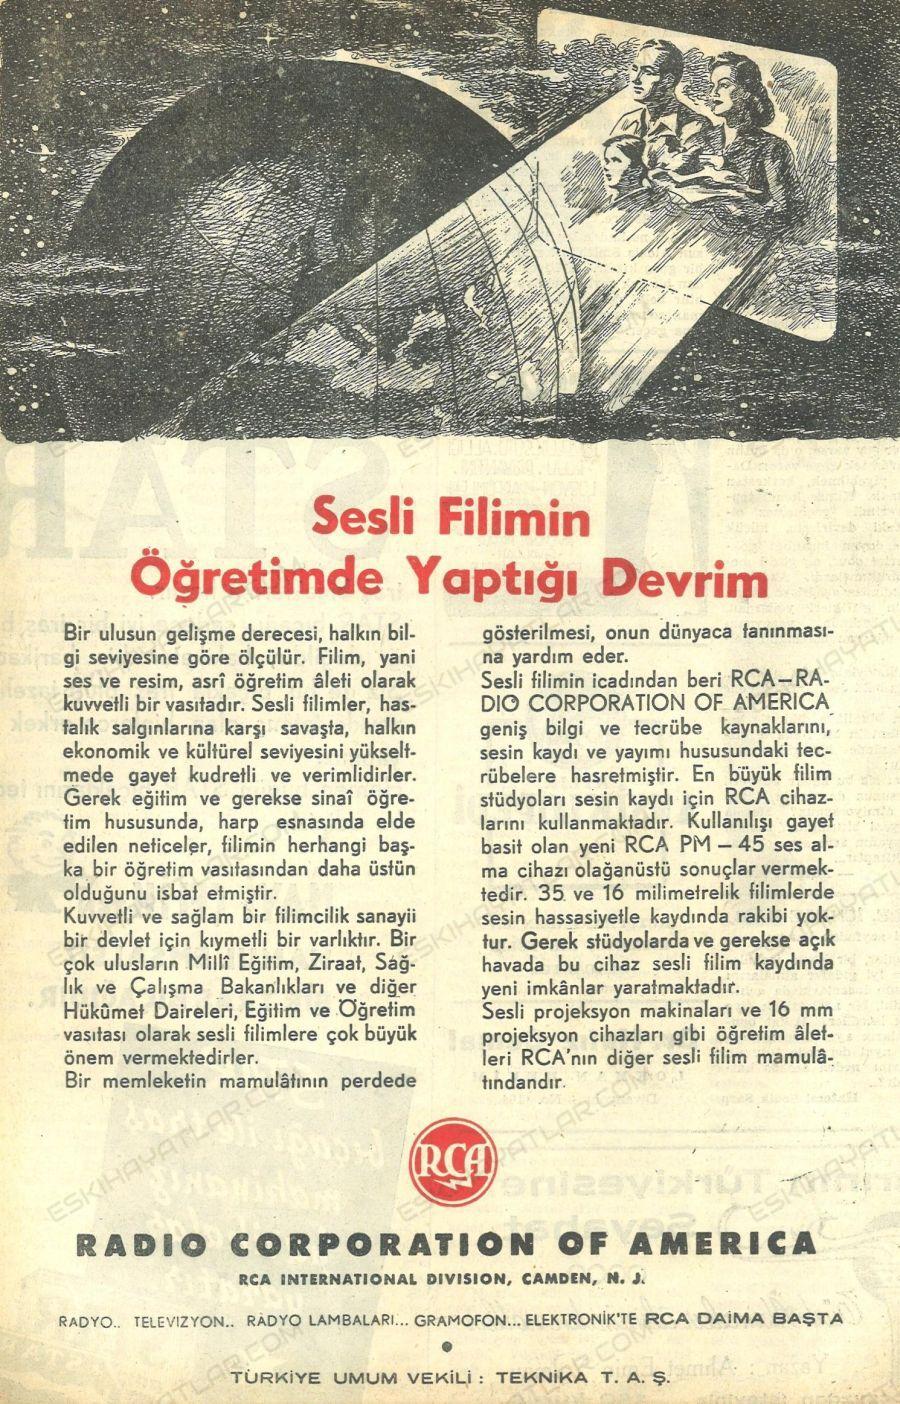 0425-rca-35-mm-film-rca-eski-reklamlari-1945-yilinda-sinema-endustrisi